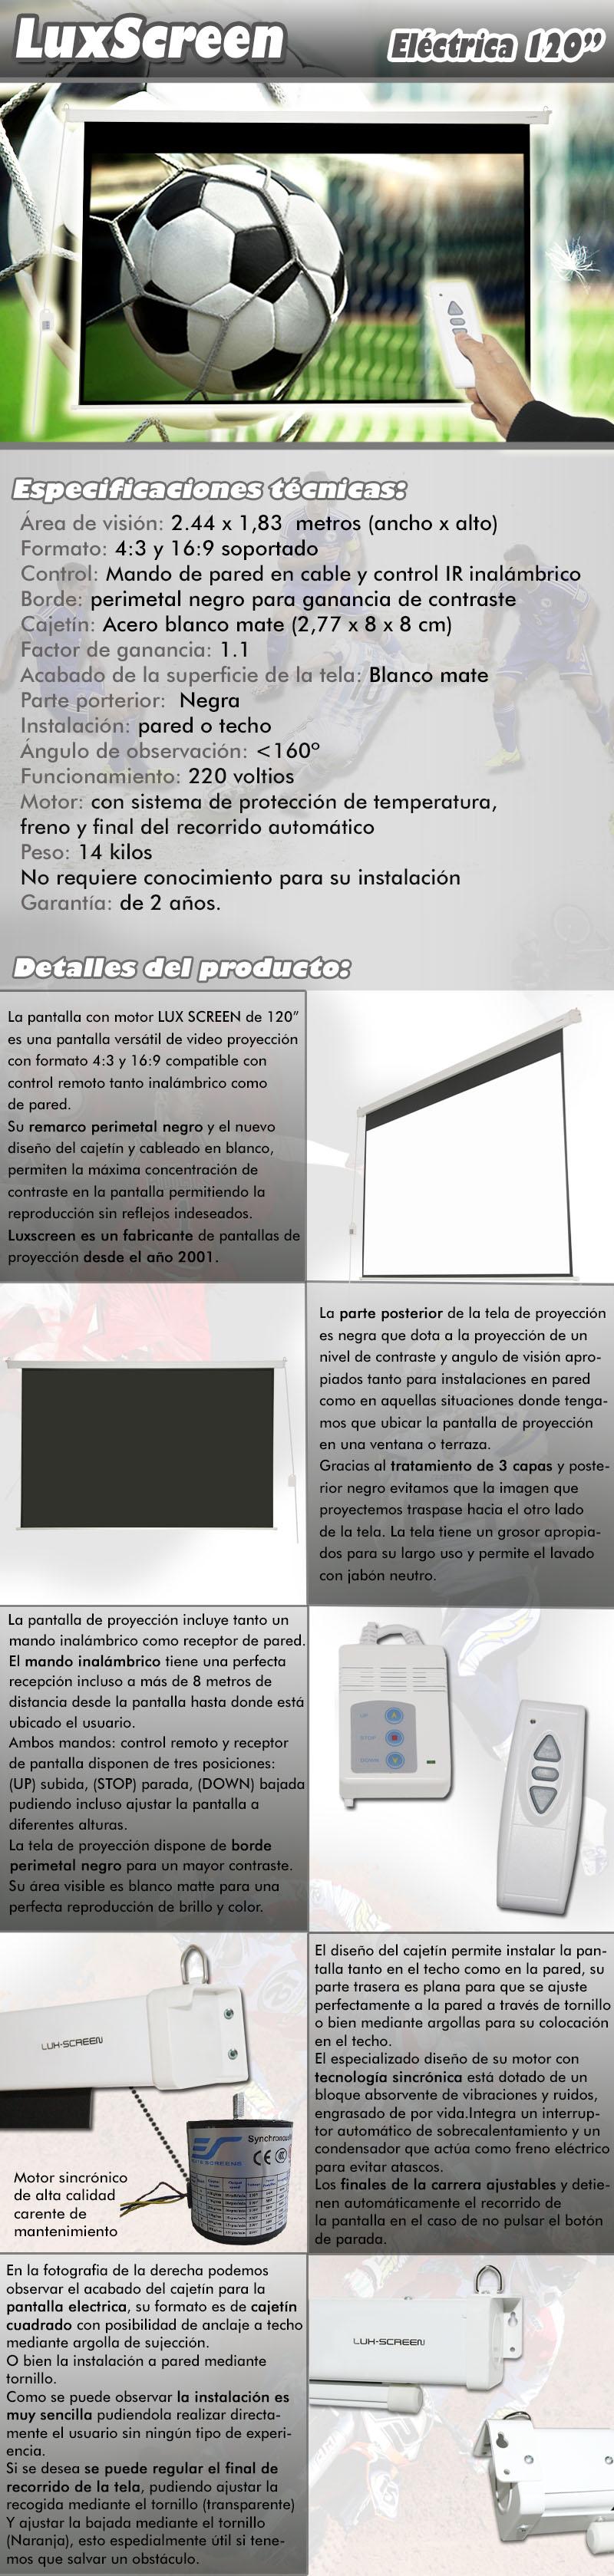 pantalla electrica de 120 pulgadas 2,44 x 1,83 metros, dispone de parte trasera negra, borde perimetal negro para una mayor concentracion de contraste, ganancia de brillo 1:1, ideal para proyectores formato full hd y hd